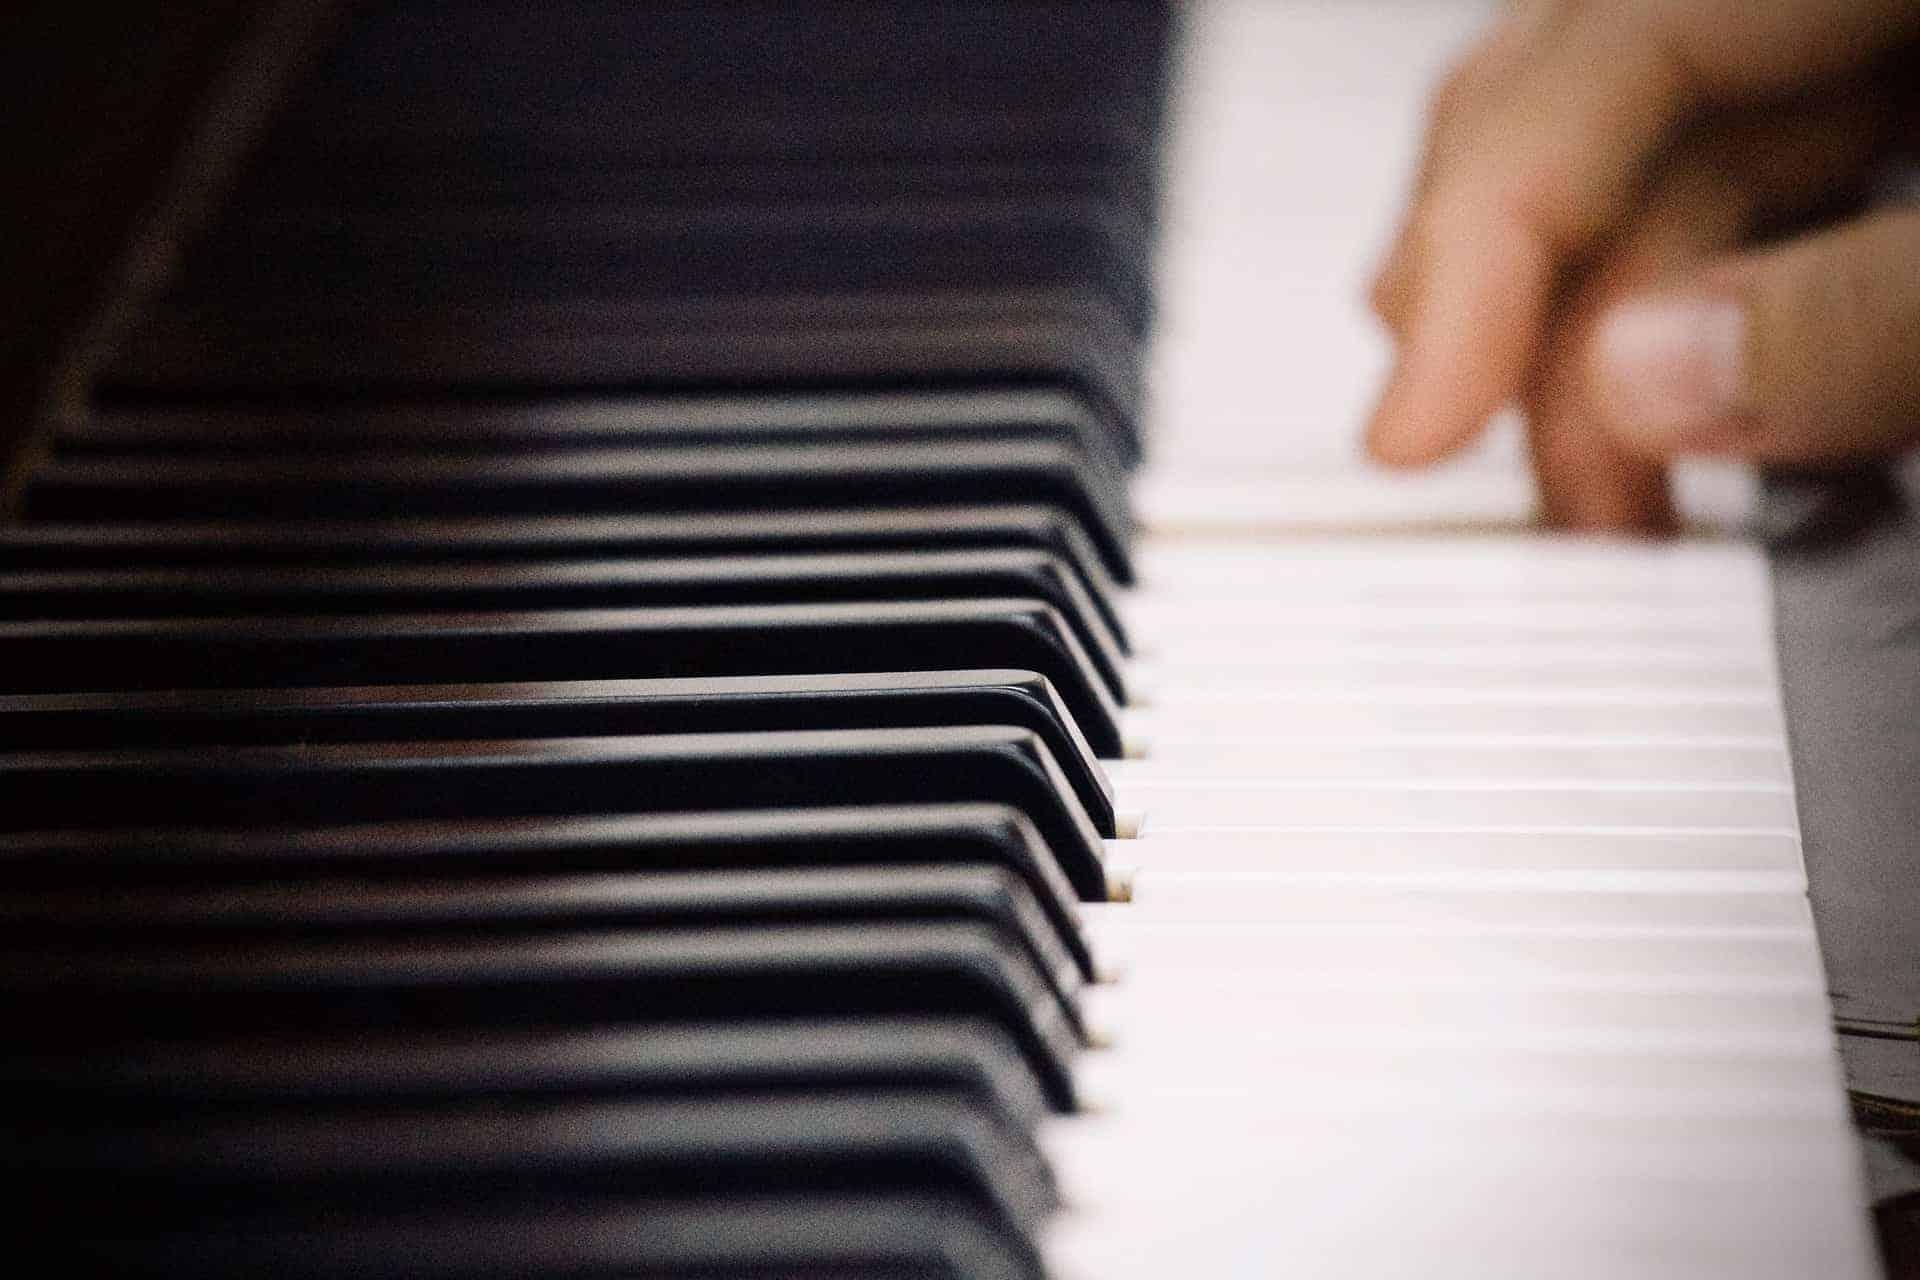 Klavier stimmen: So stimmst du dein Klavier richtig